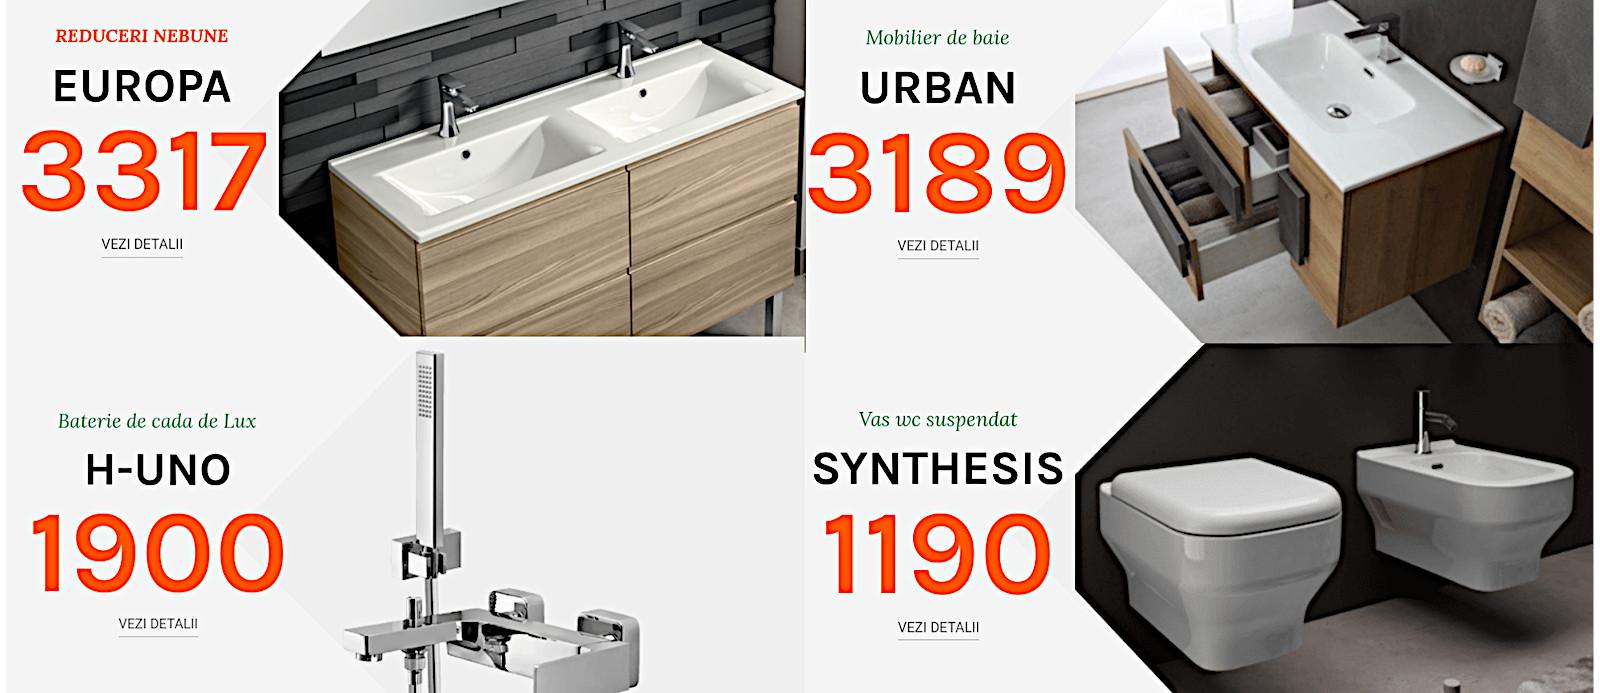 Obiecte sanitare si mobilier de baie modern remarcabil